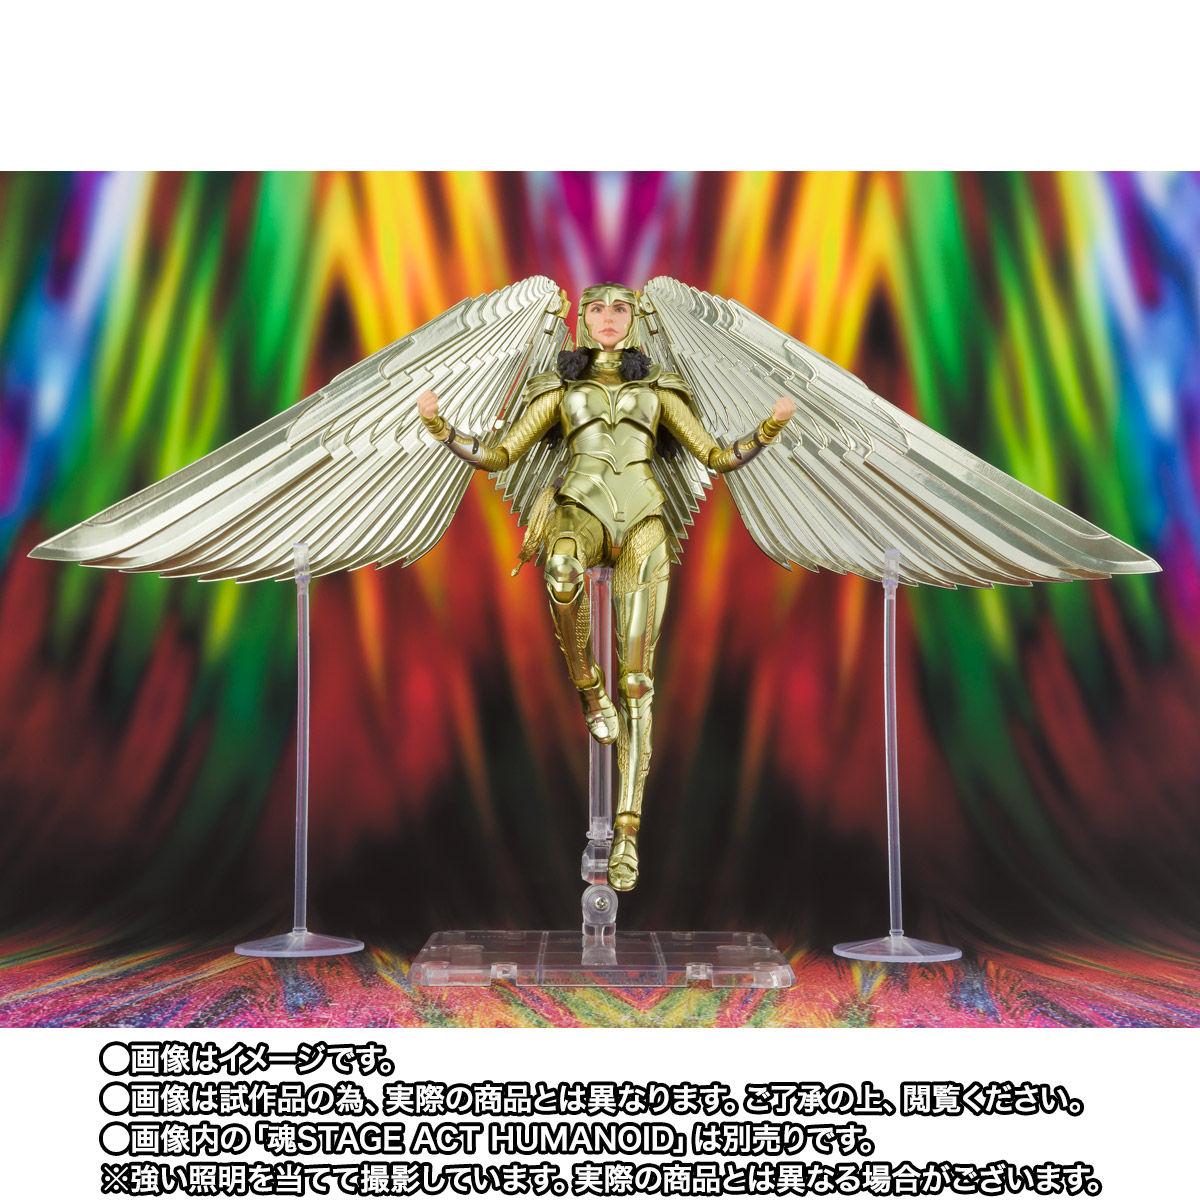 【限定販売】S.H.Figuarts『ワンダーウーマン ゴールドアーマー(WW84)』ワンダーウーマン 1984 可動フィギュア-006